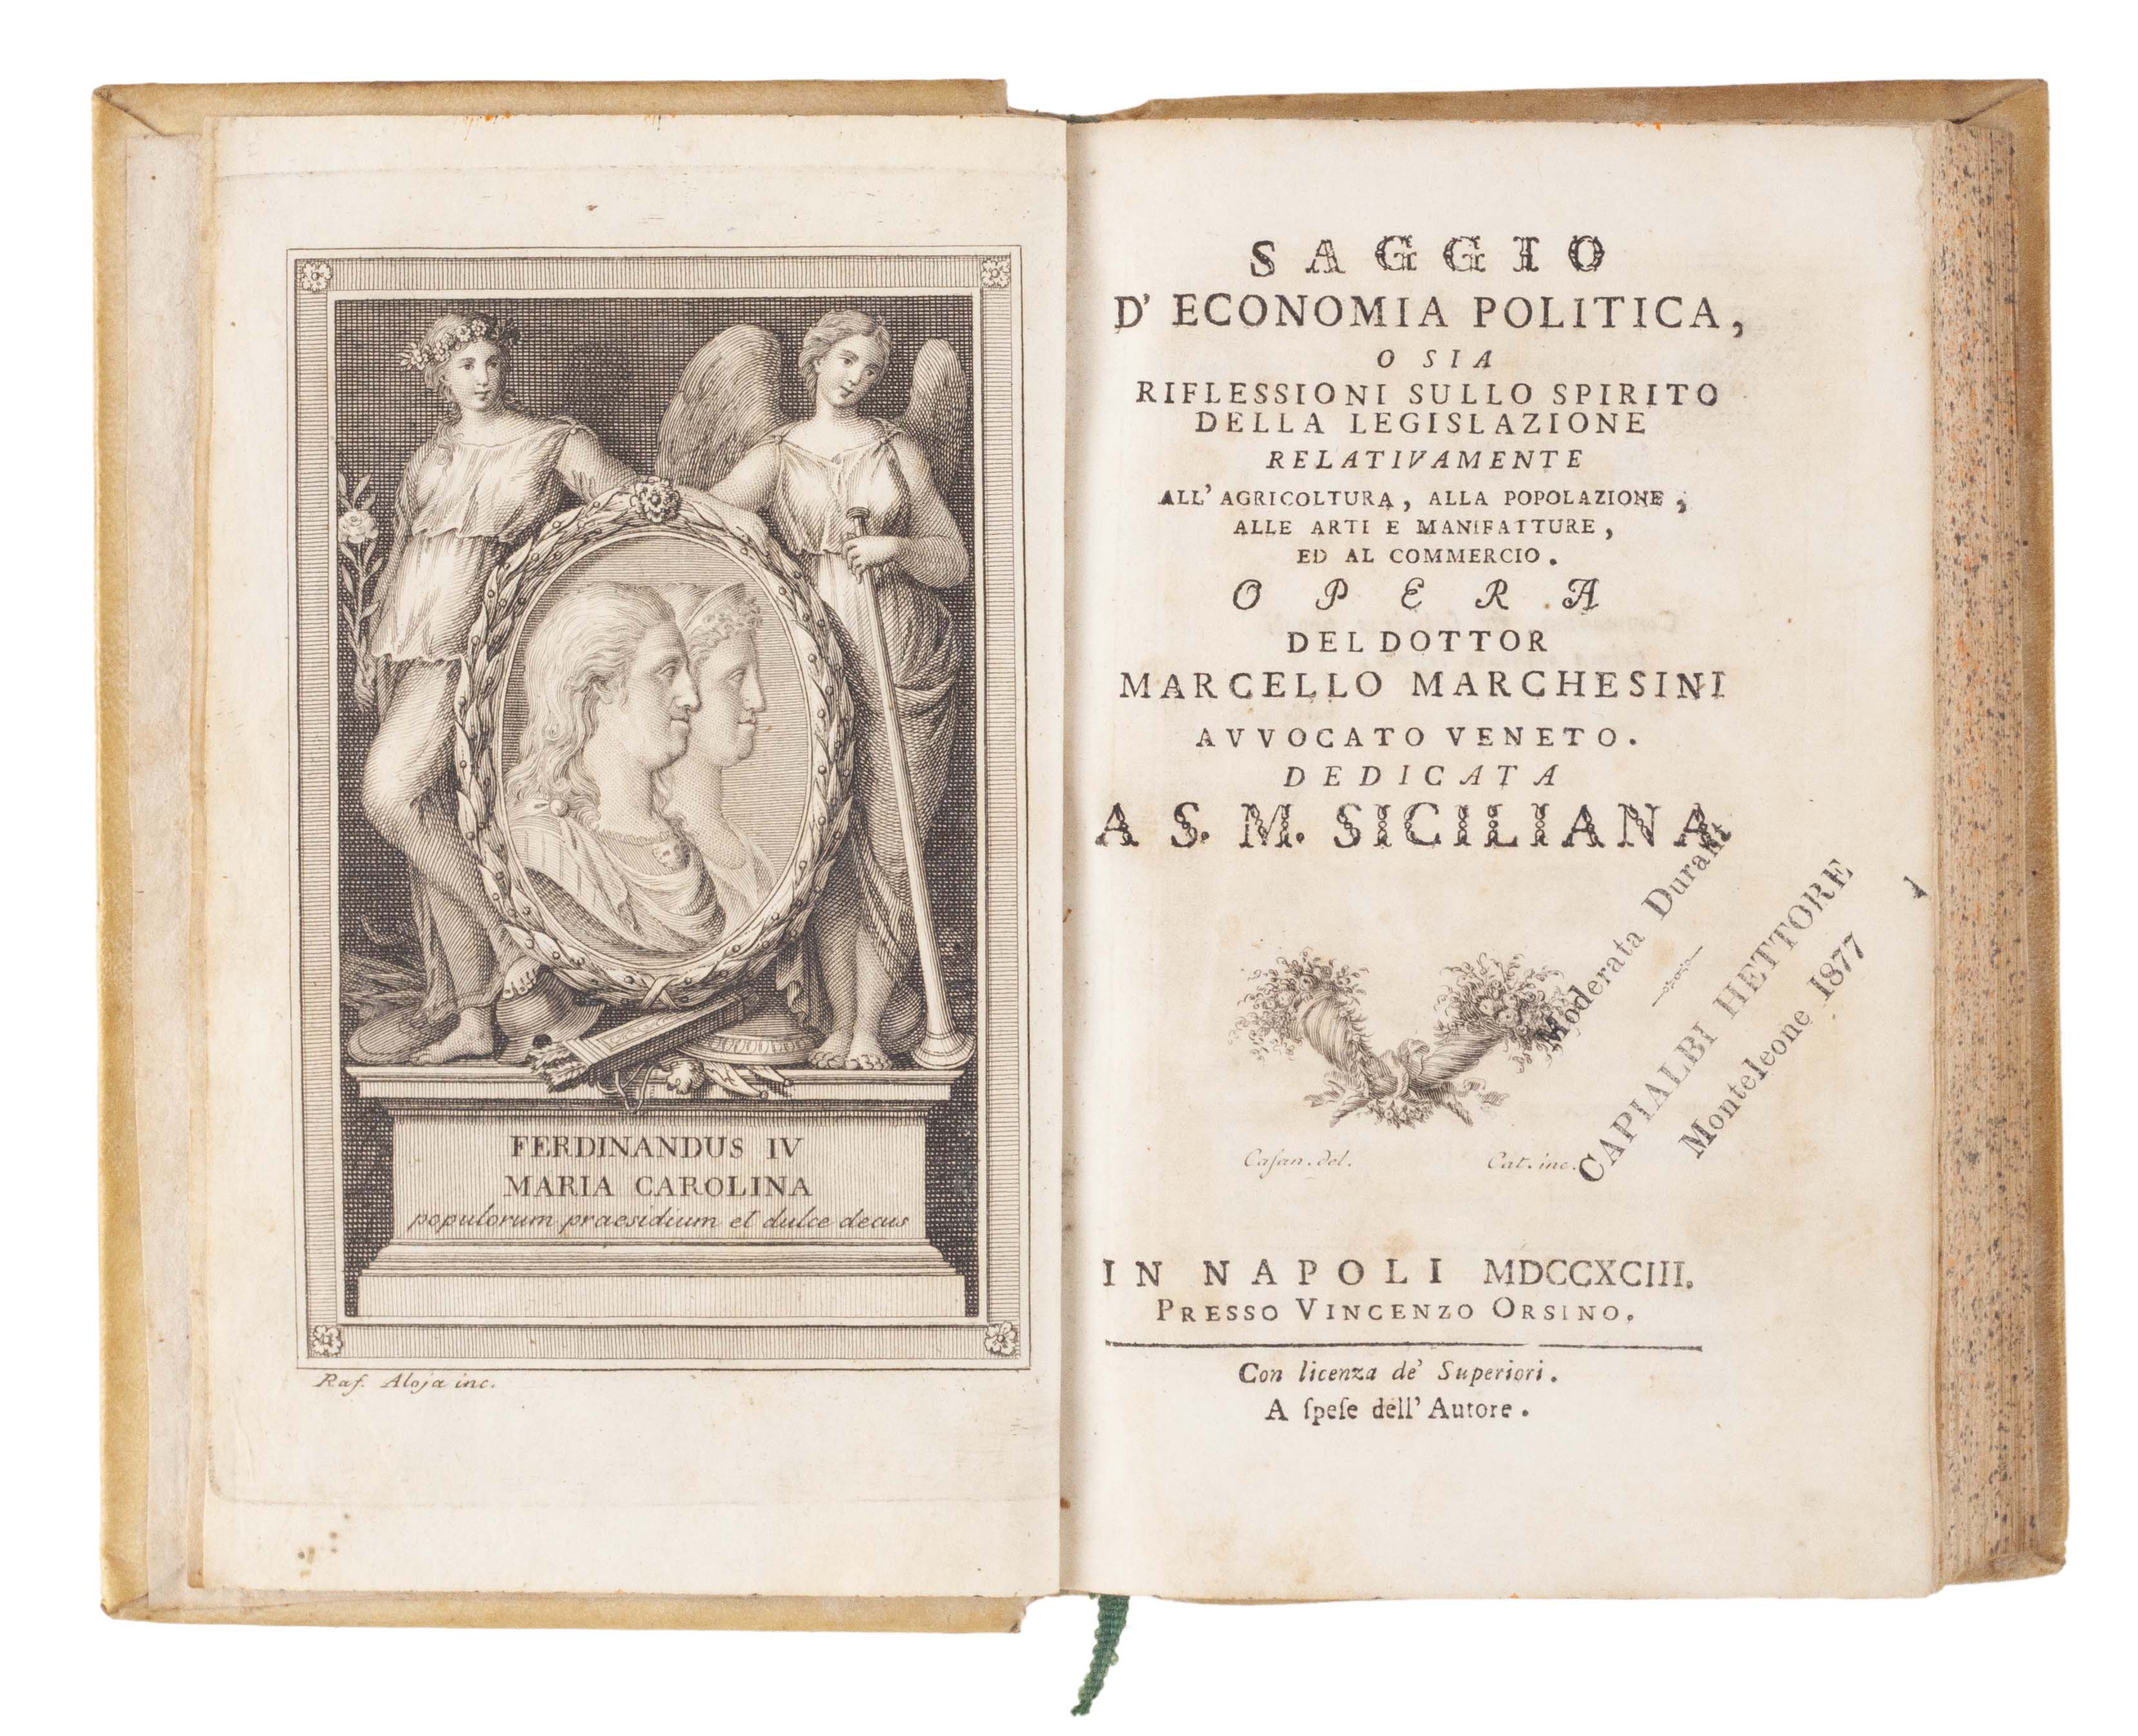 Saggio d'economia politica; o sia, Riflessioni sullo spirito della legislazione relativamente all'agricoltura, alla popolazione, alle arti e manifatture, ed al commercio.